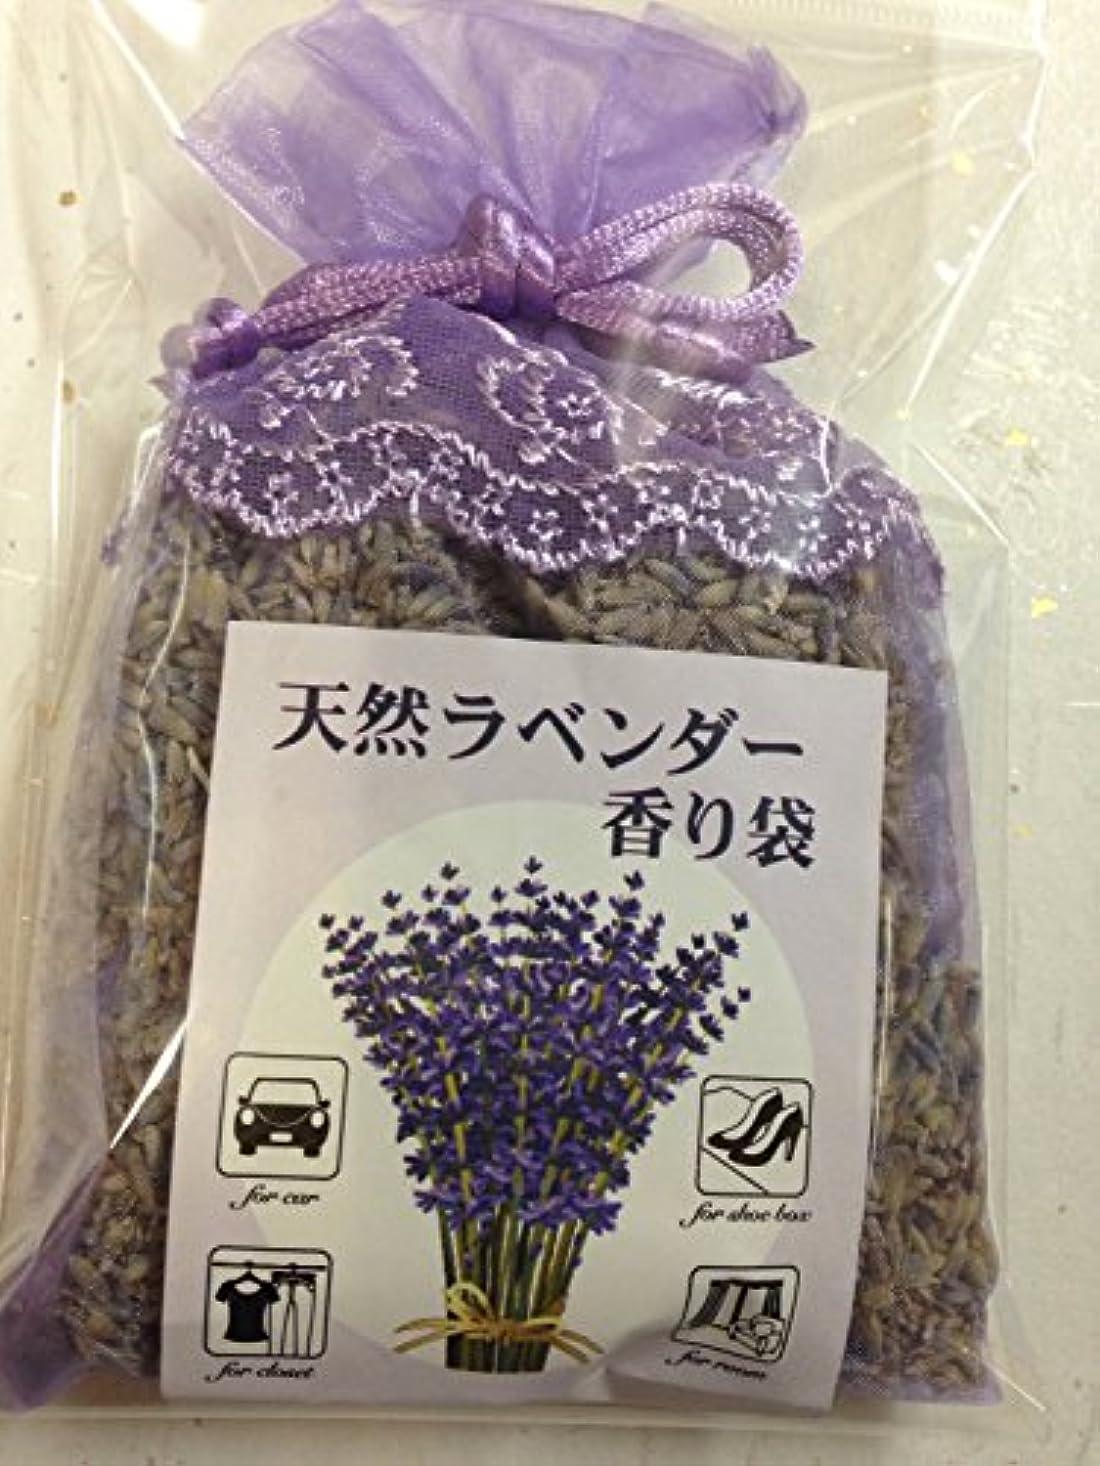 無臭熱心なフェローシップ◆天然ラベンダー?ポプリ香り袋 巾着<小>◆Aroma Lavender /Hokkaido